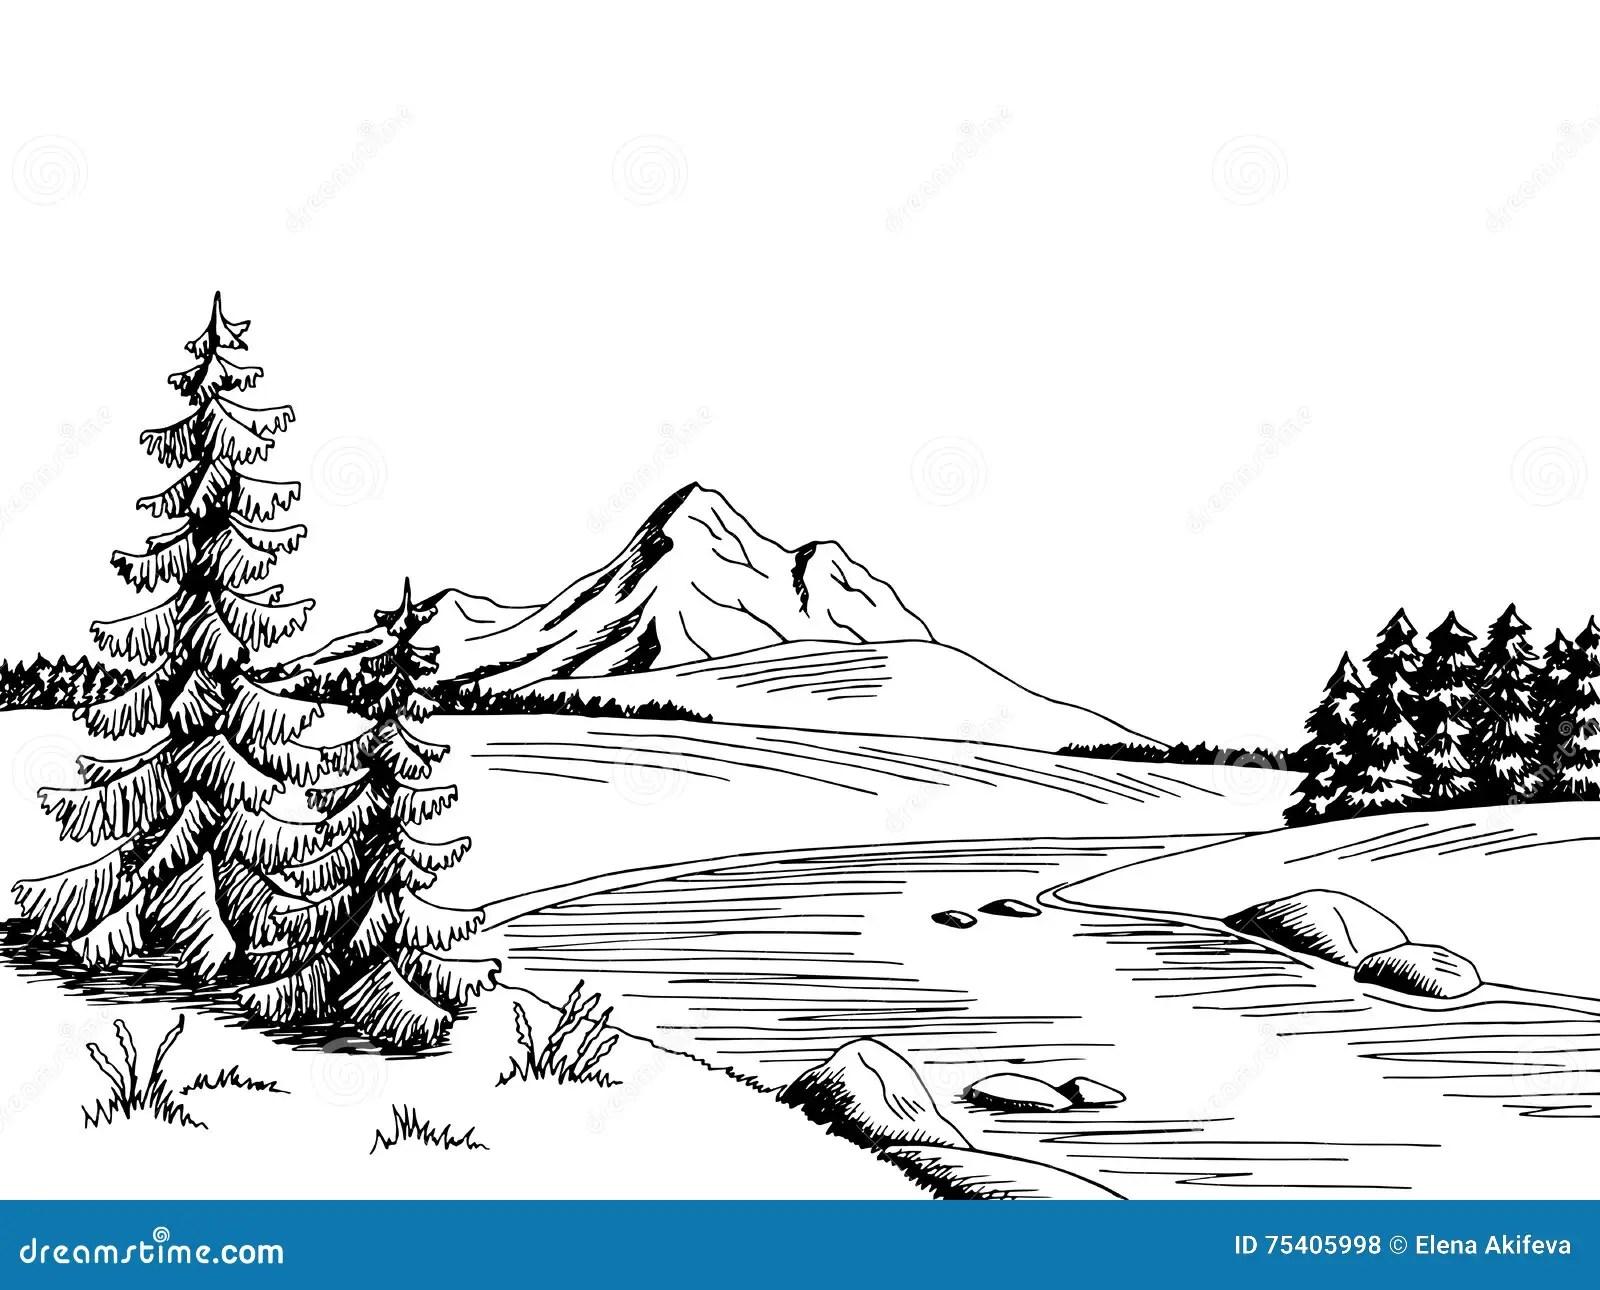 Ilustracao Branca Do Esboco Da Paisagem Do Preto Da Arte